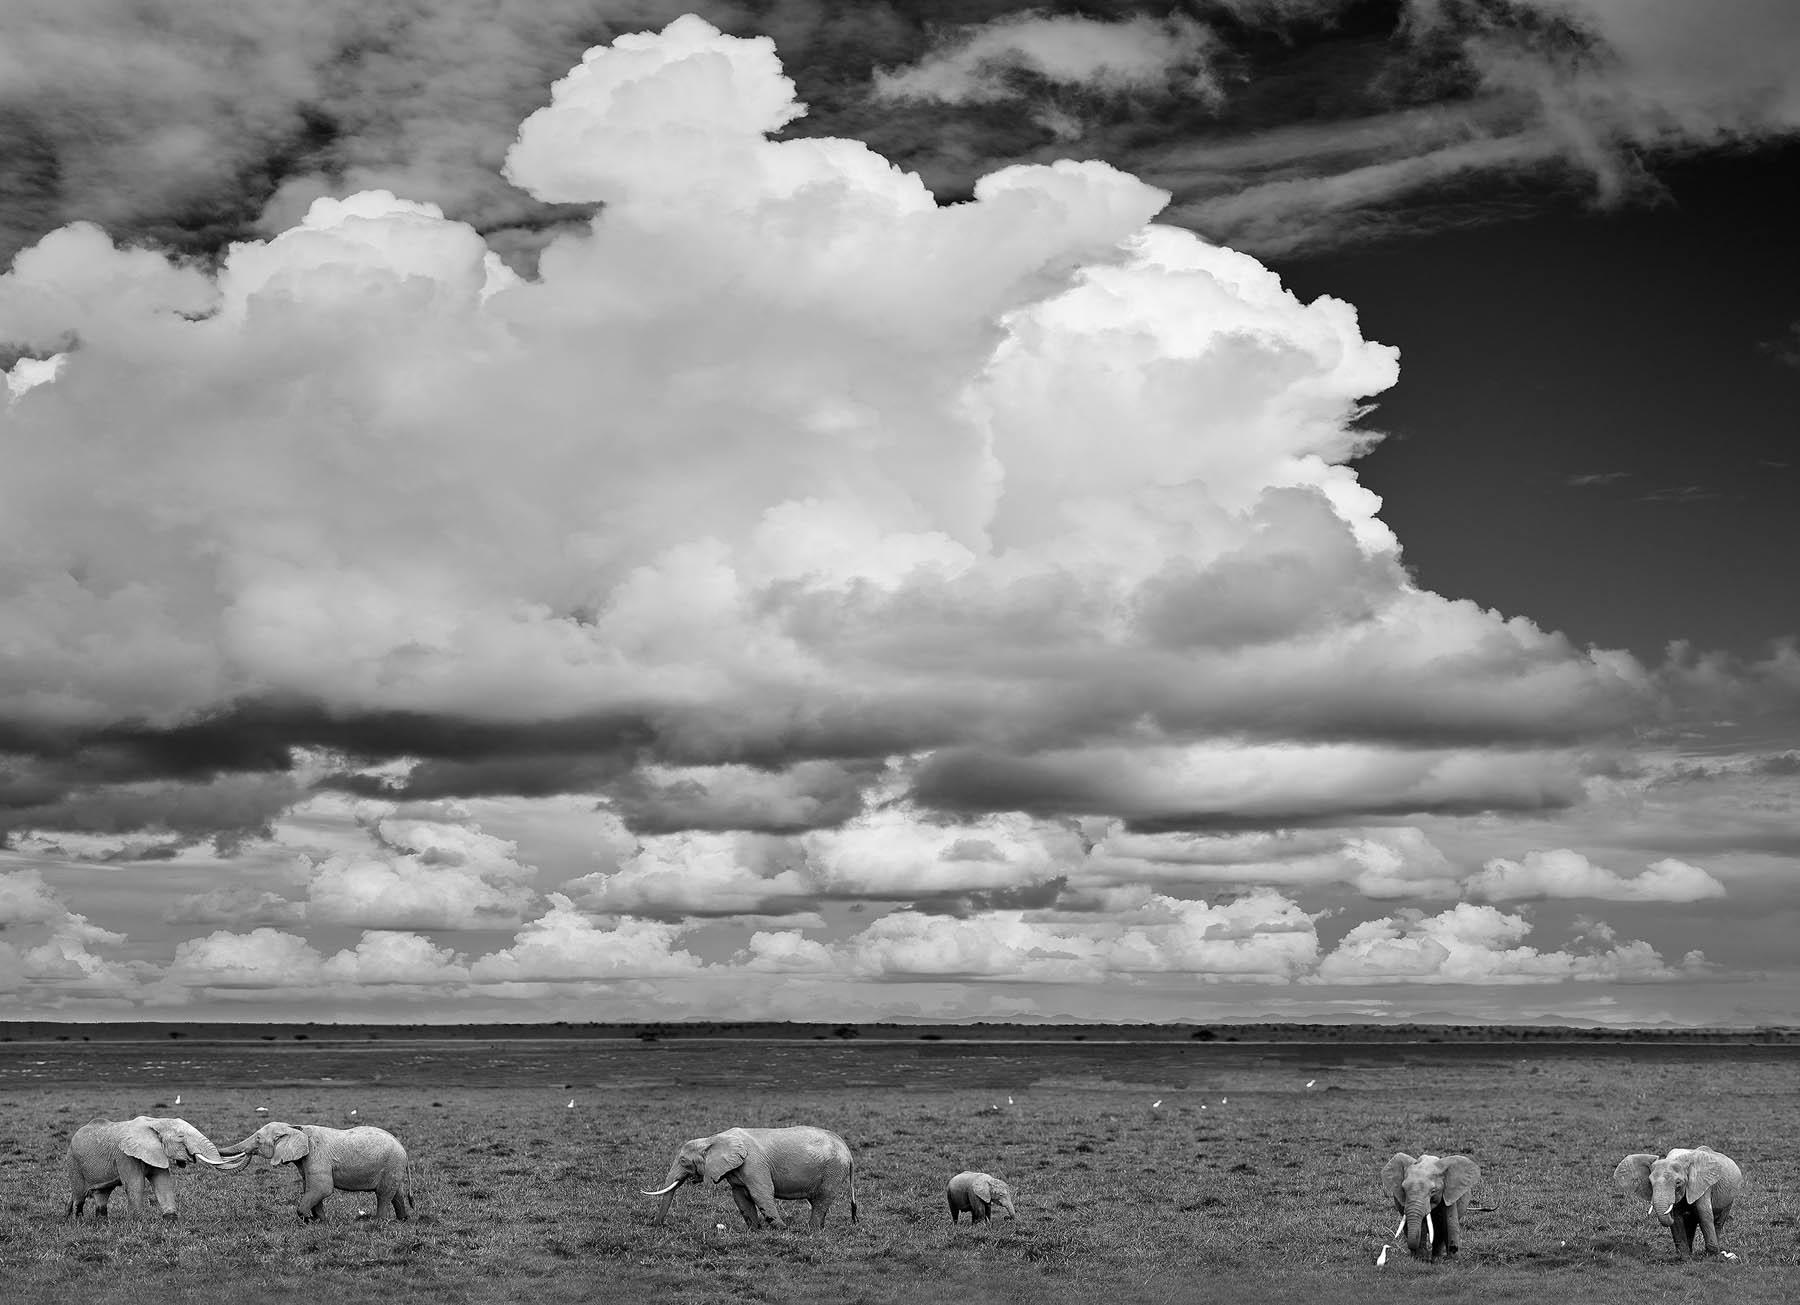 Elephant parade, Amboseli National Park, Kenya, Africa.